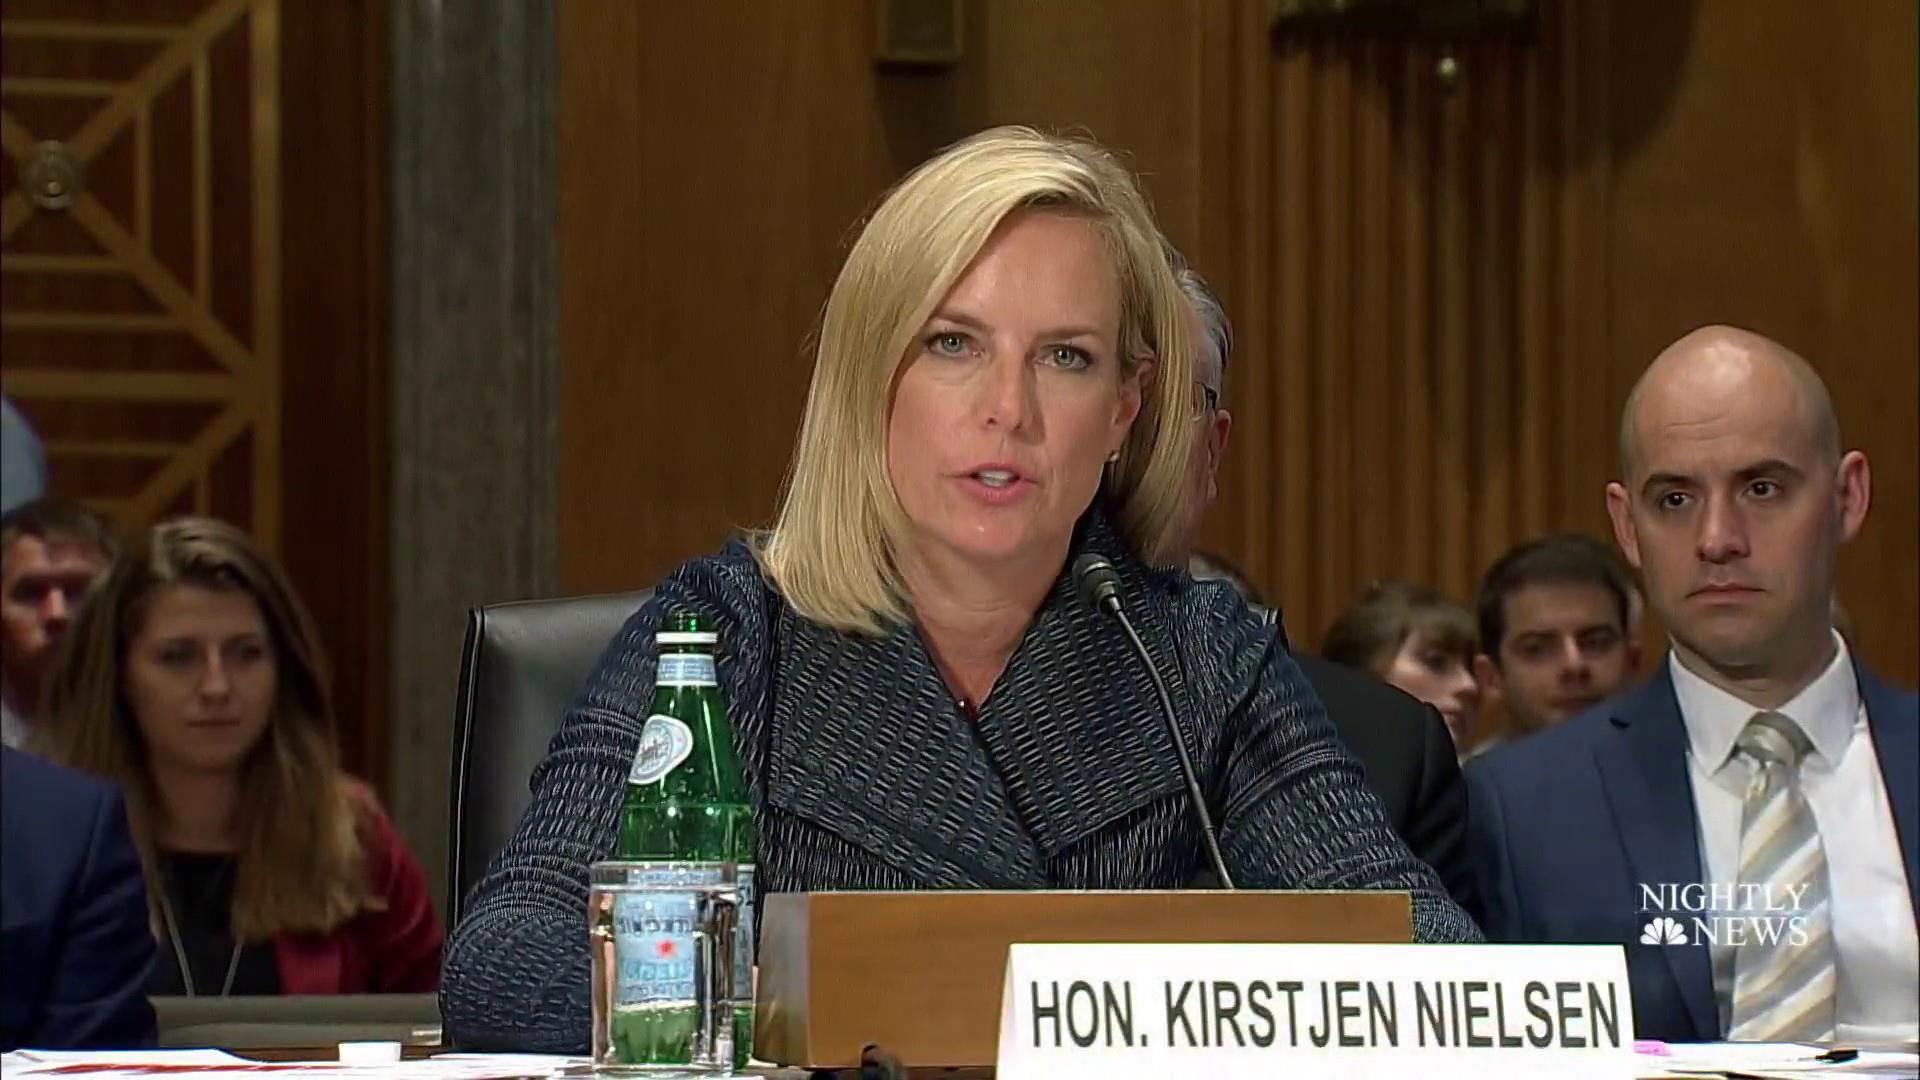 Kirstjen Nielsen resigns as homeland security secretary under pressure from Trump